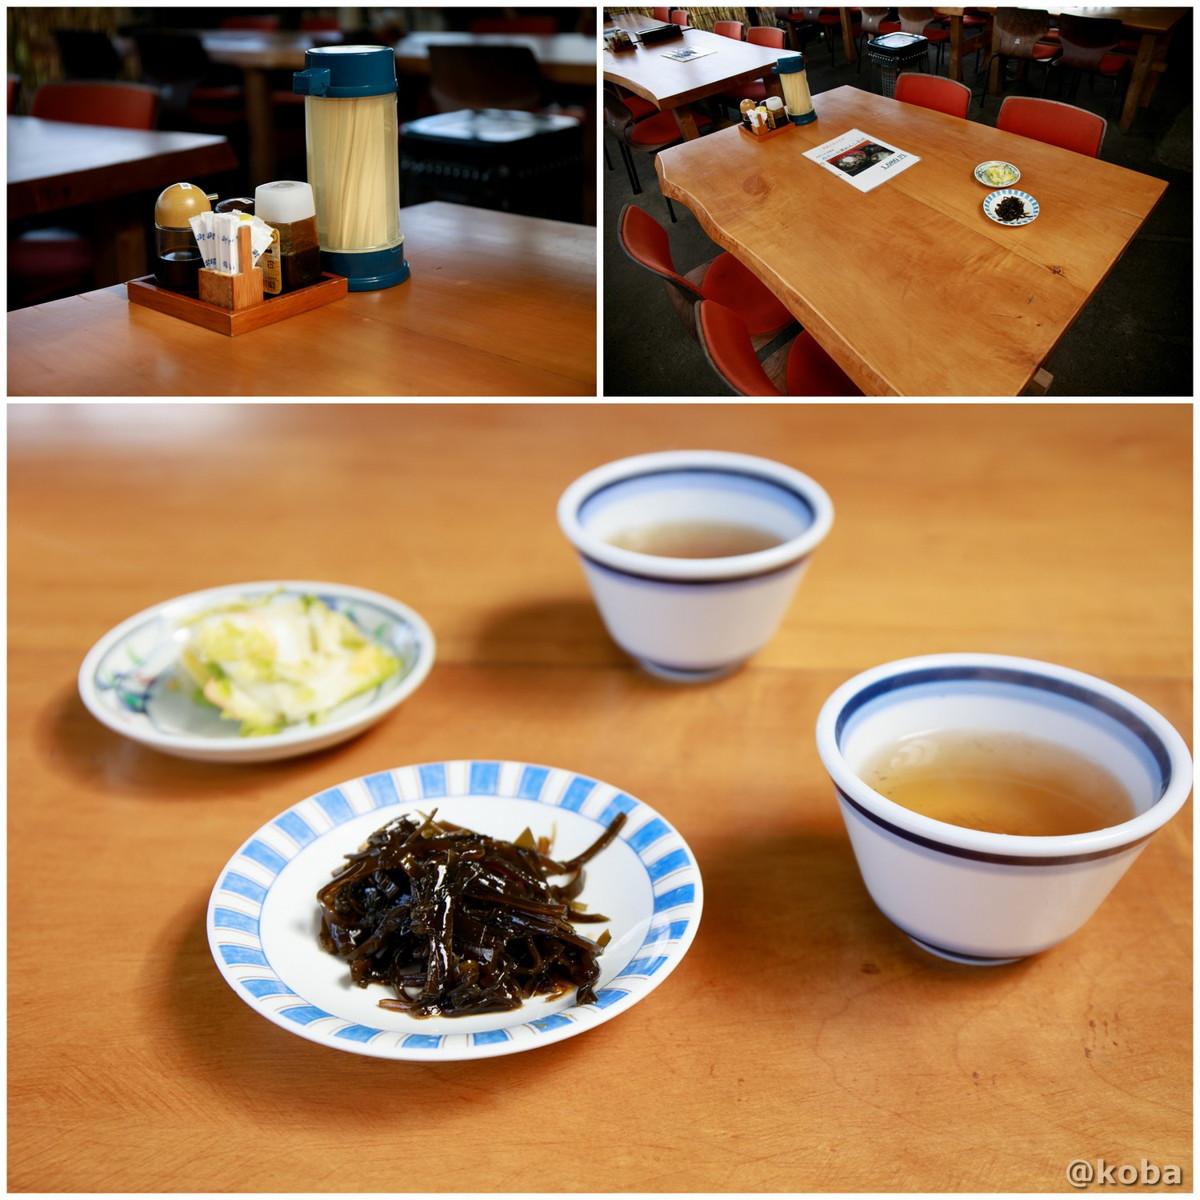 えんめい茶と漬物の写真 そば処たかさわ 蕎麦ランチ 食事処 長野県 ブログ